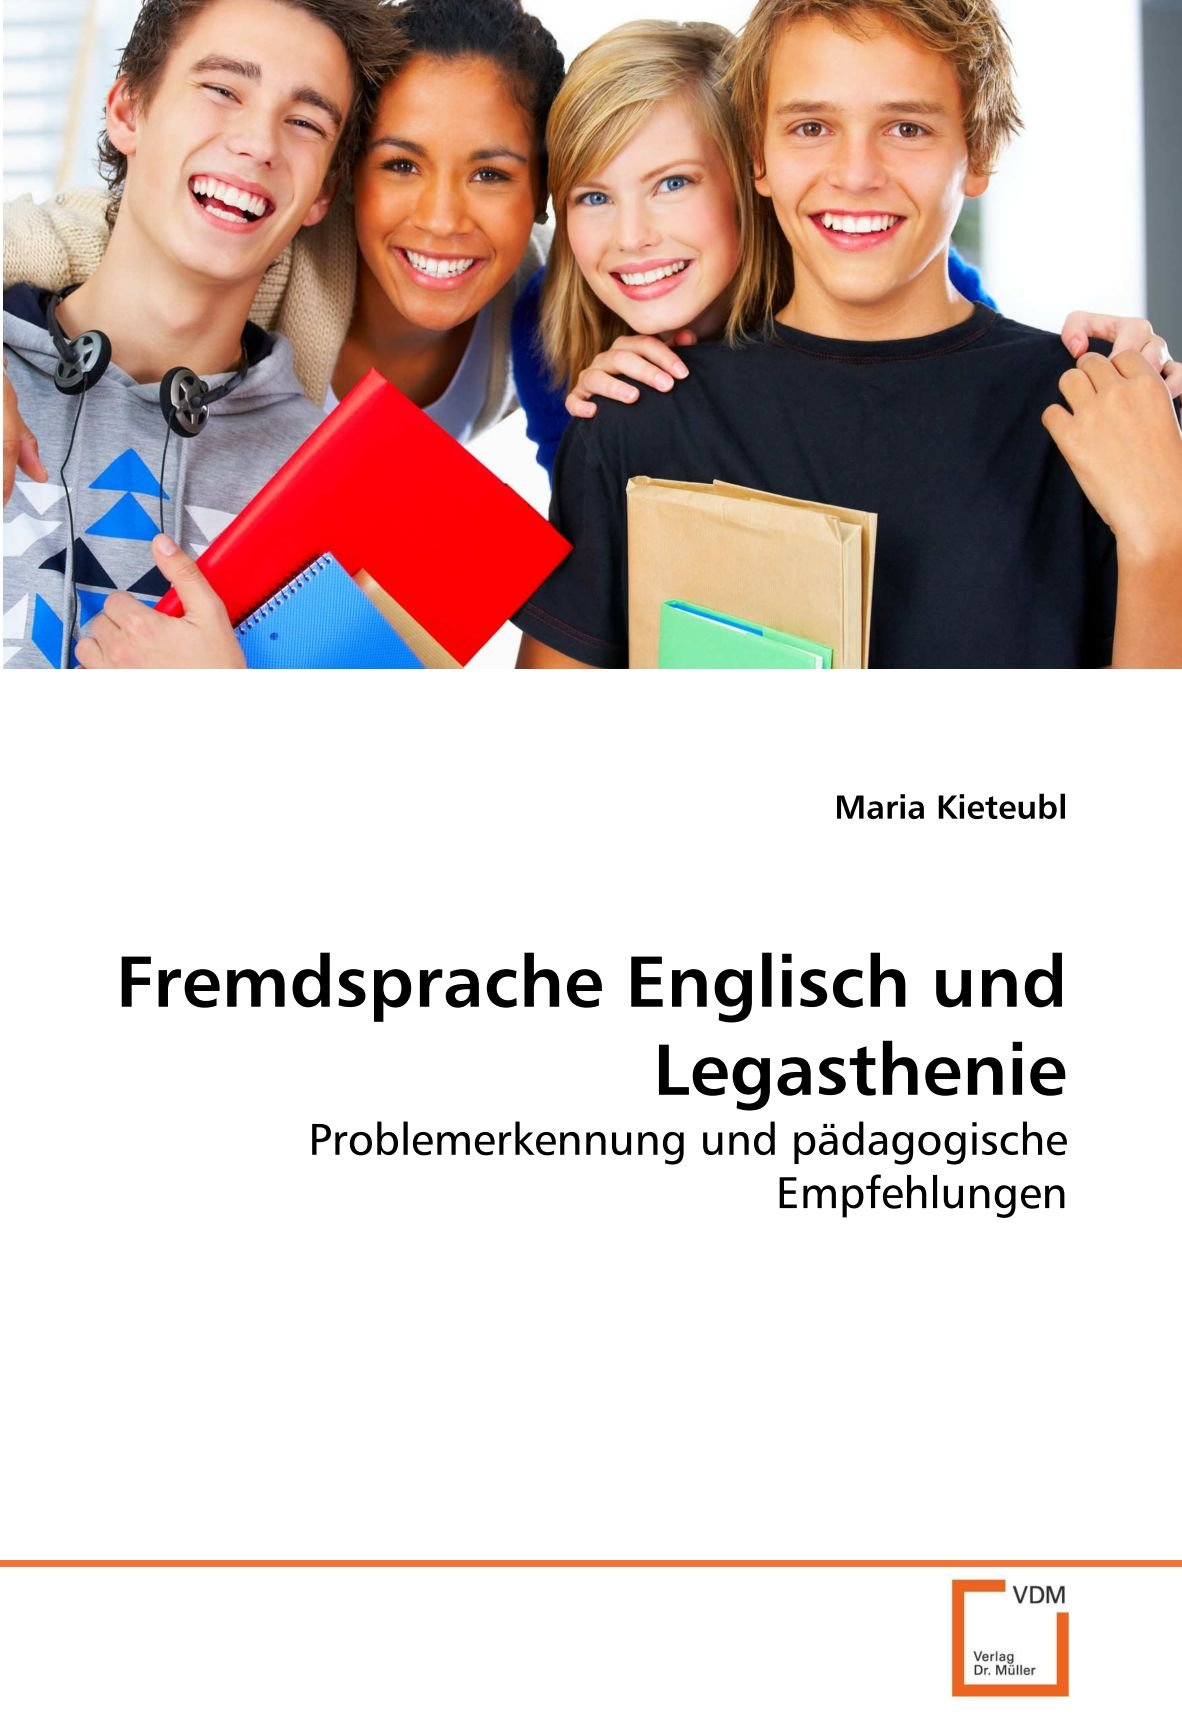 Fremdsprache Englisch und Legasthenie: Problemerkennung und pädagogische Empfehlungen